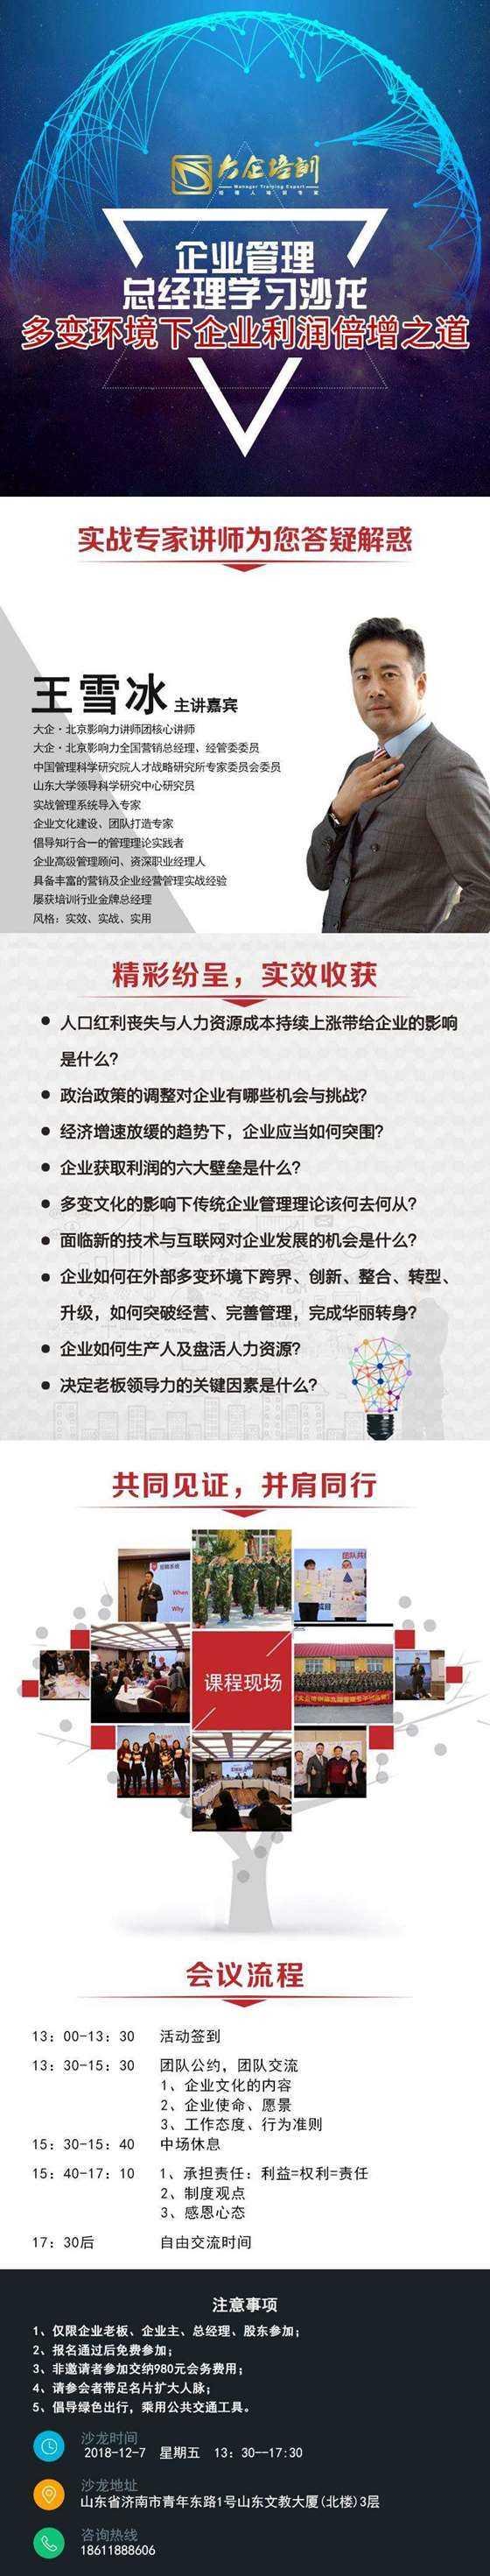 沙龙详情页(王雪冰)12.7.jpg